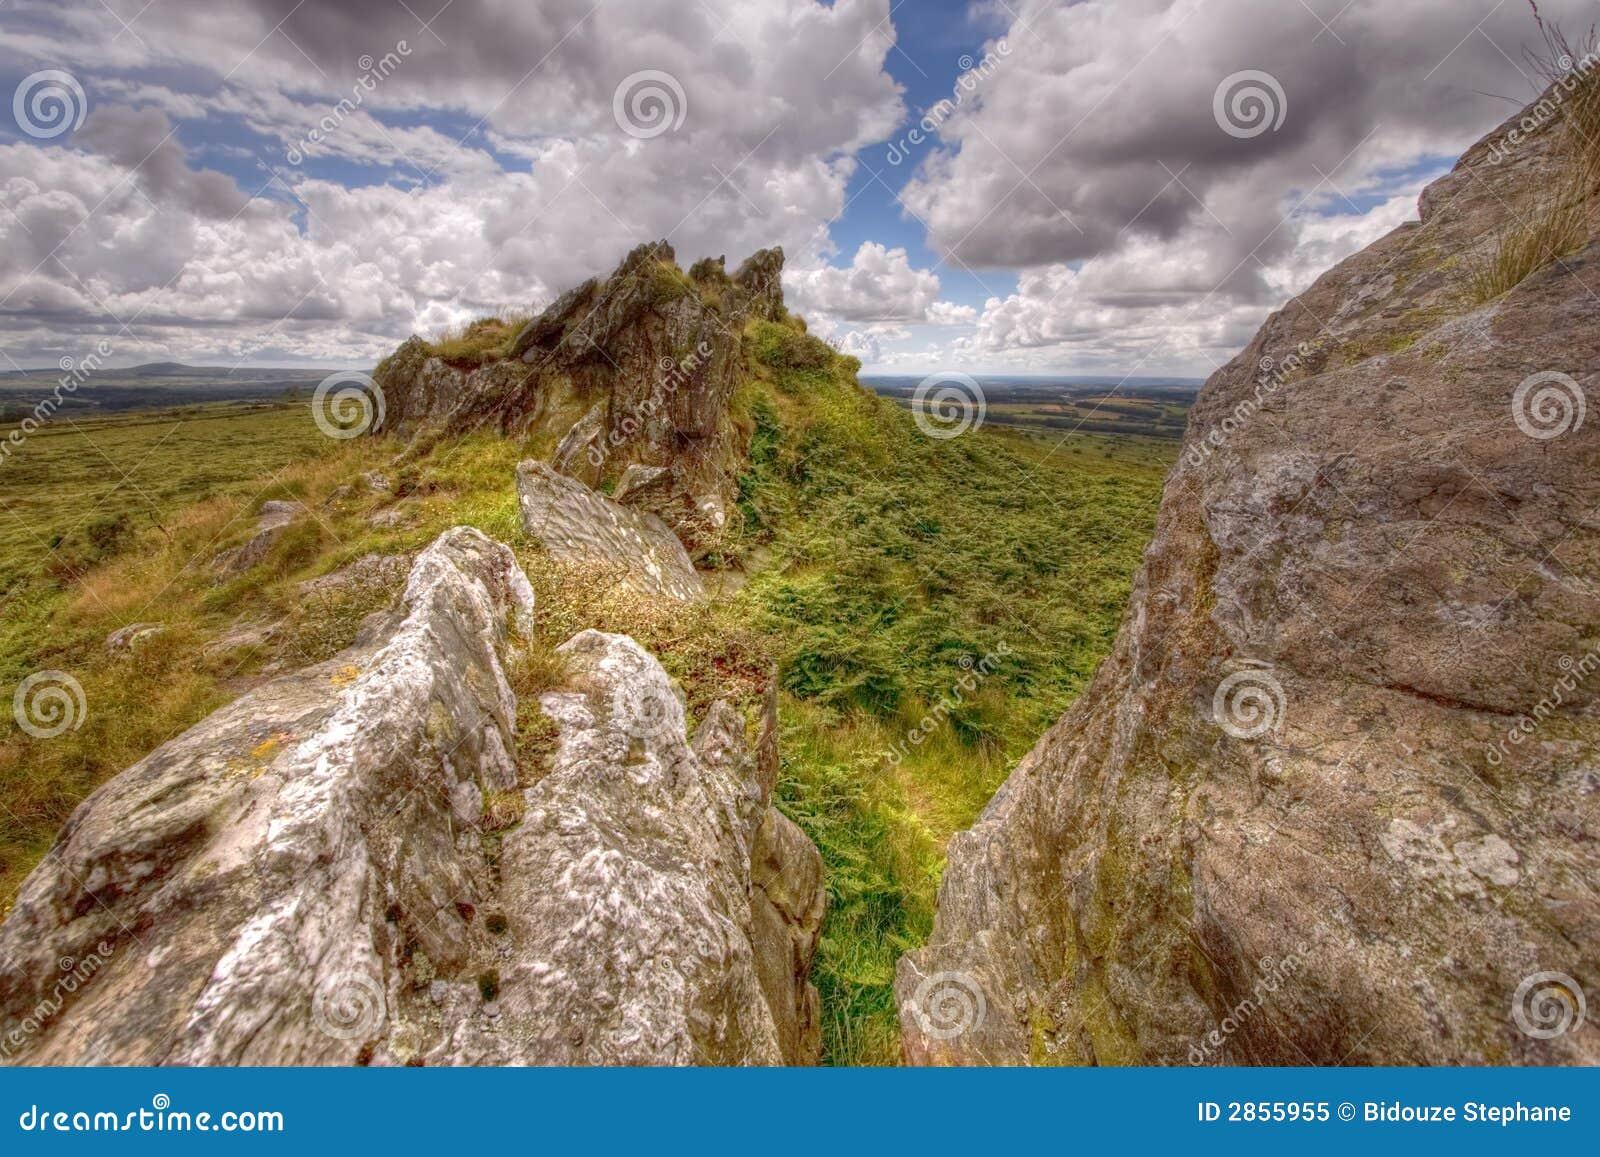 Wild landscape HDR 2